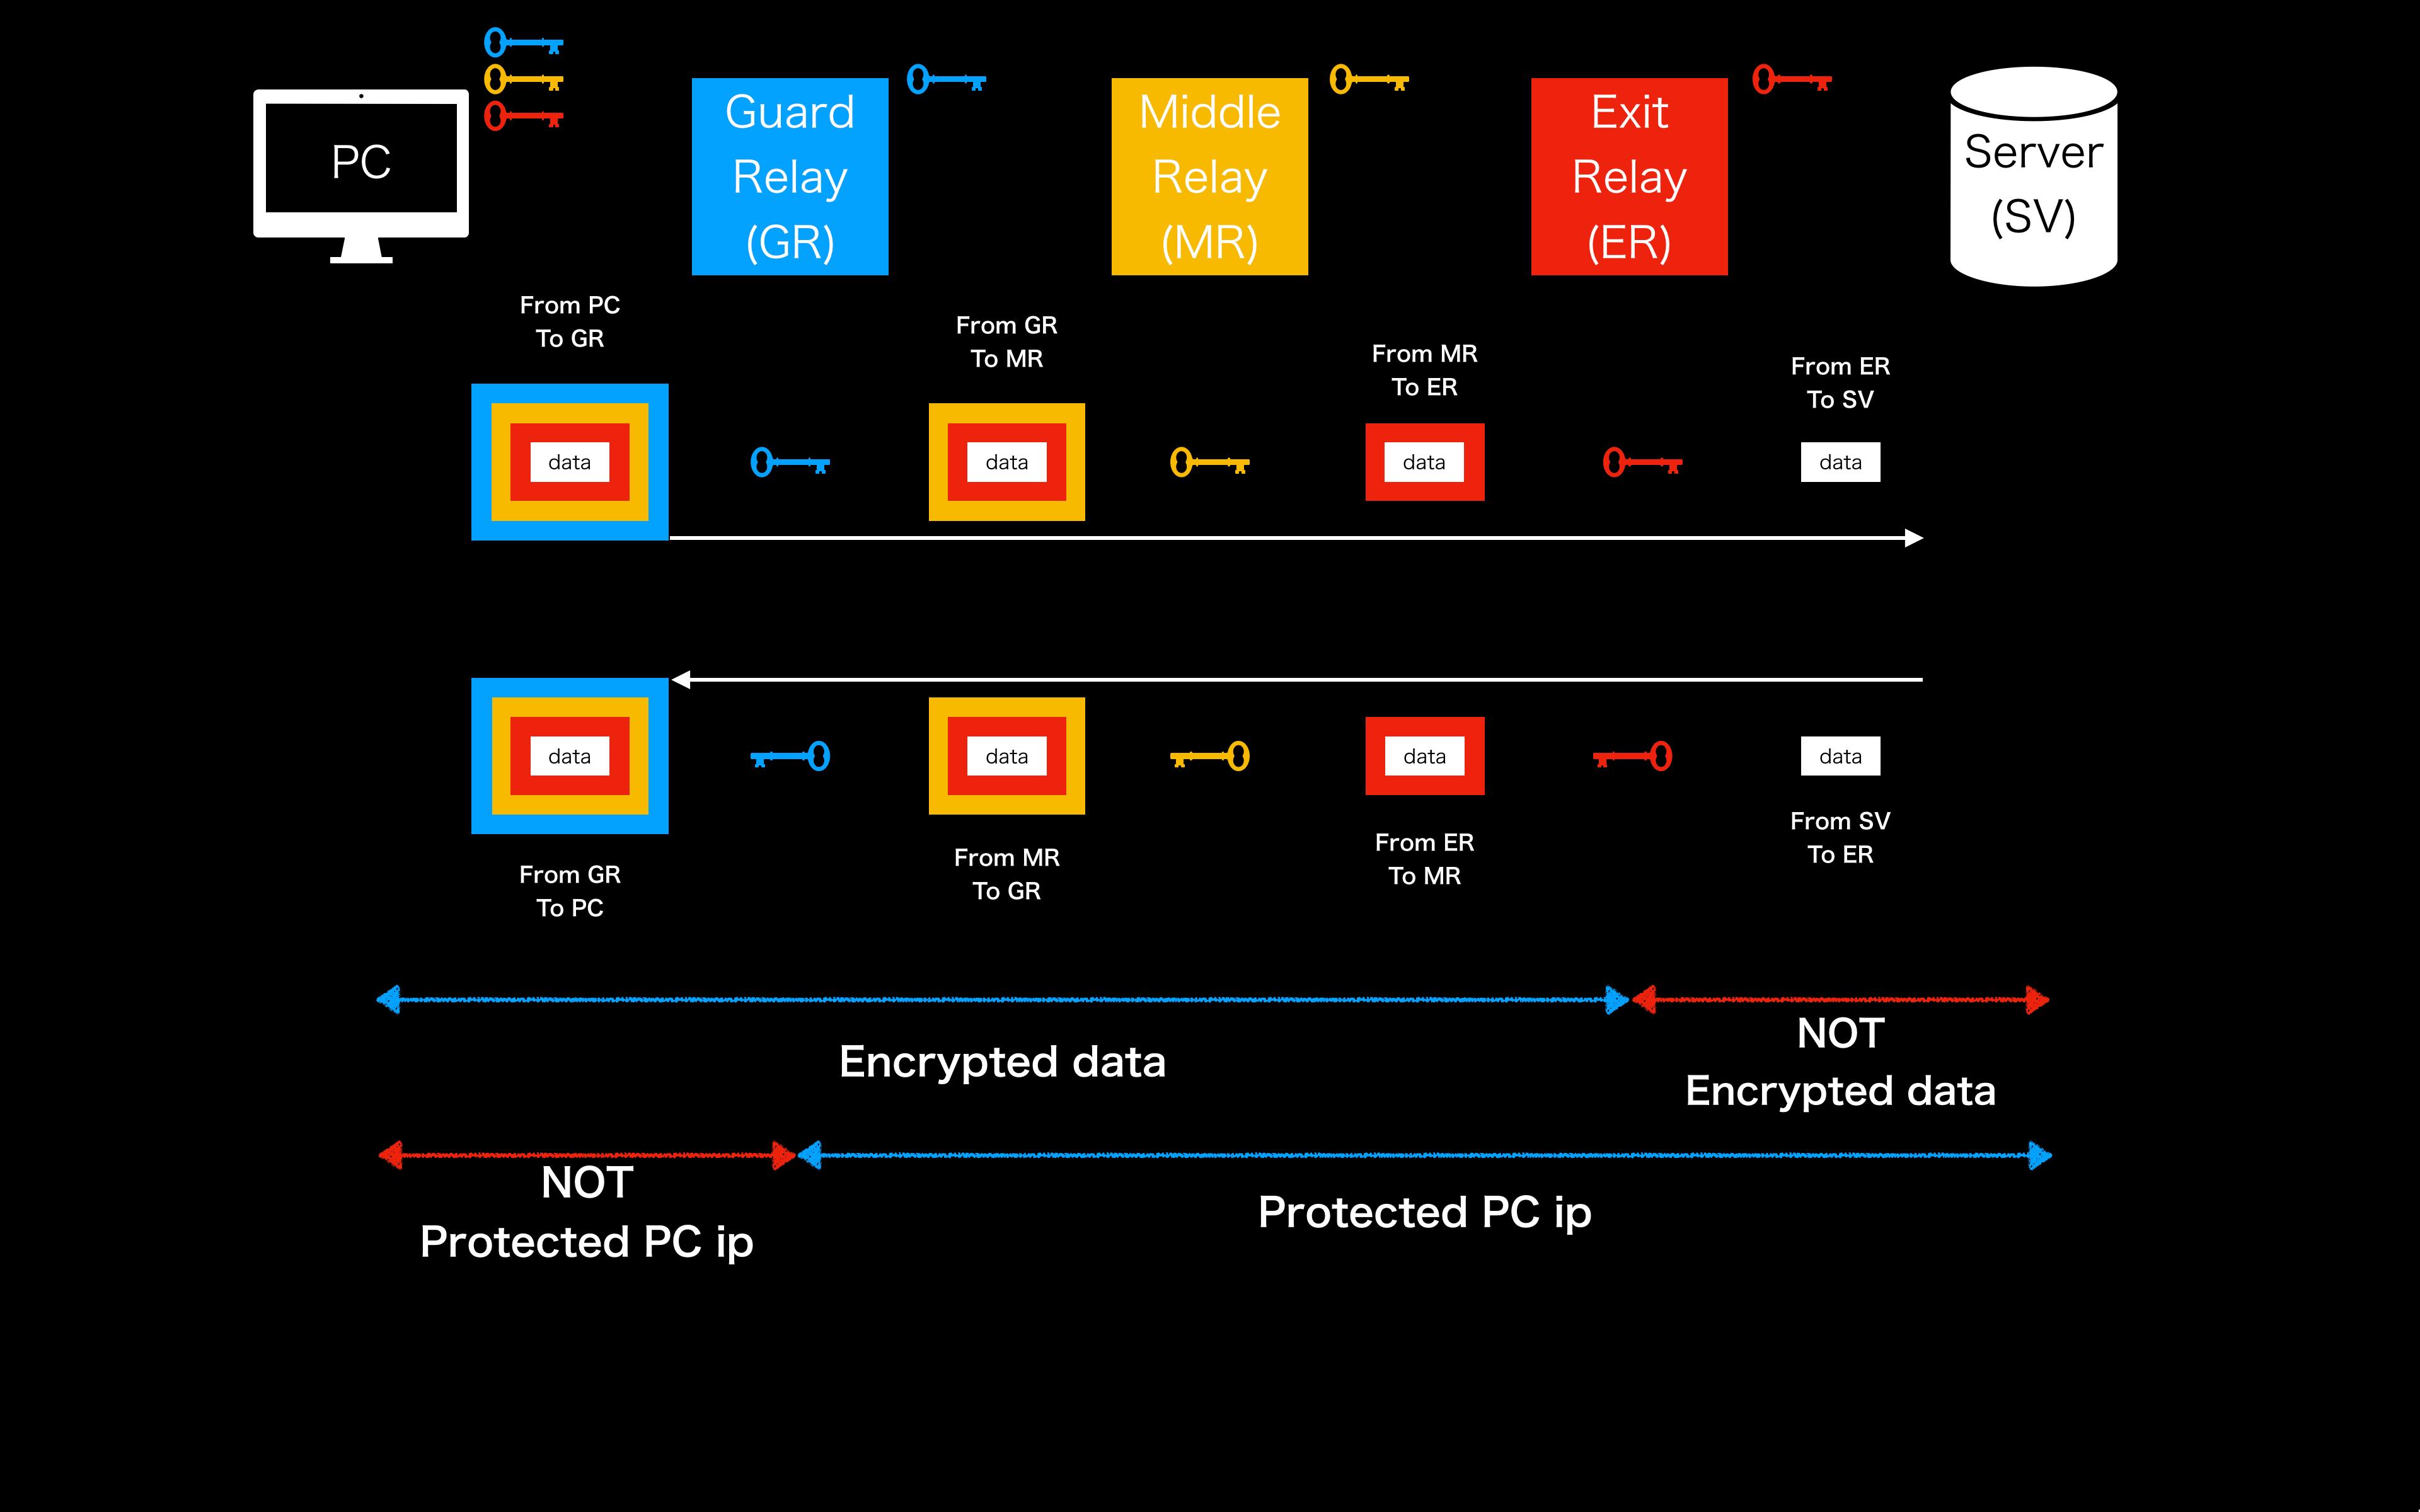 torの仕組みを詳しく解説する画像(黒)